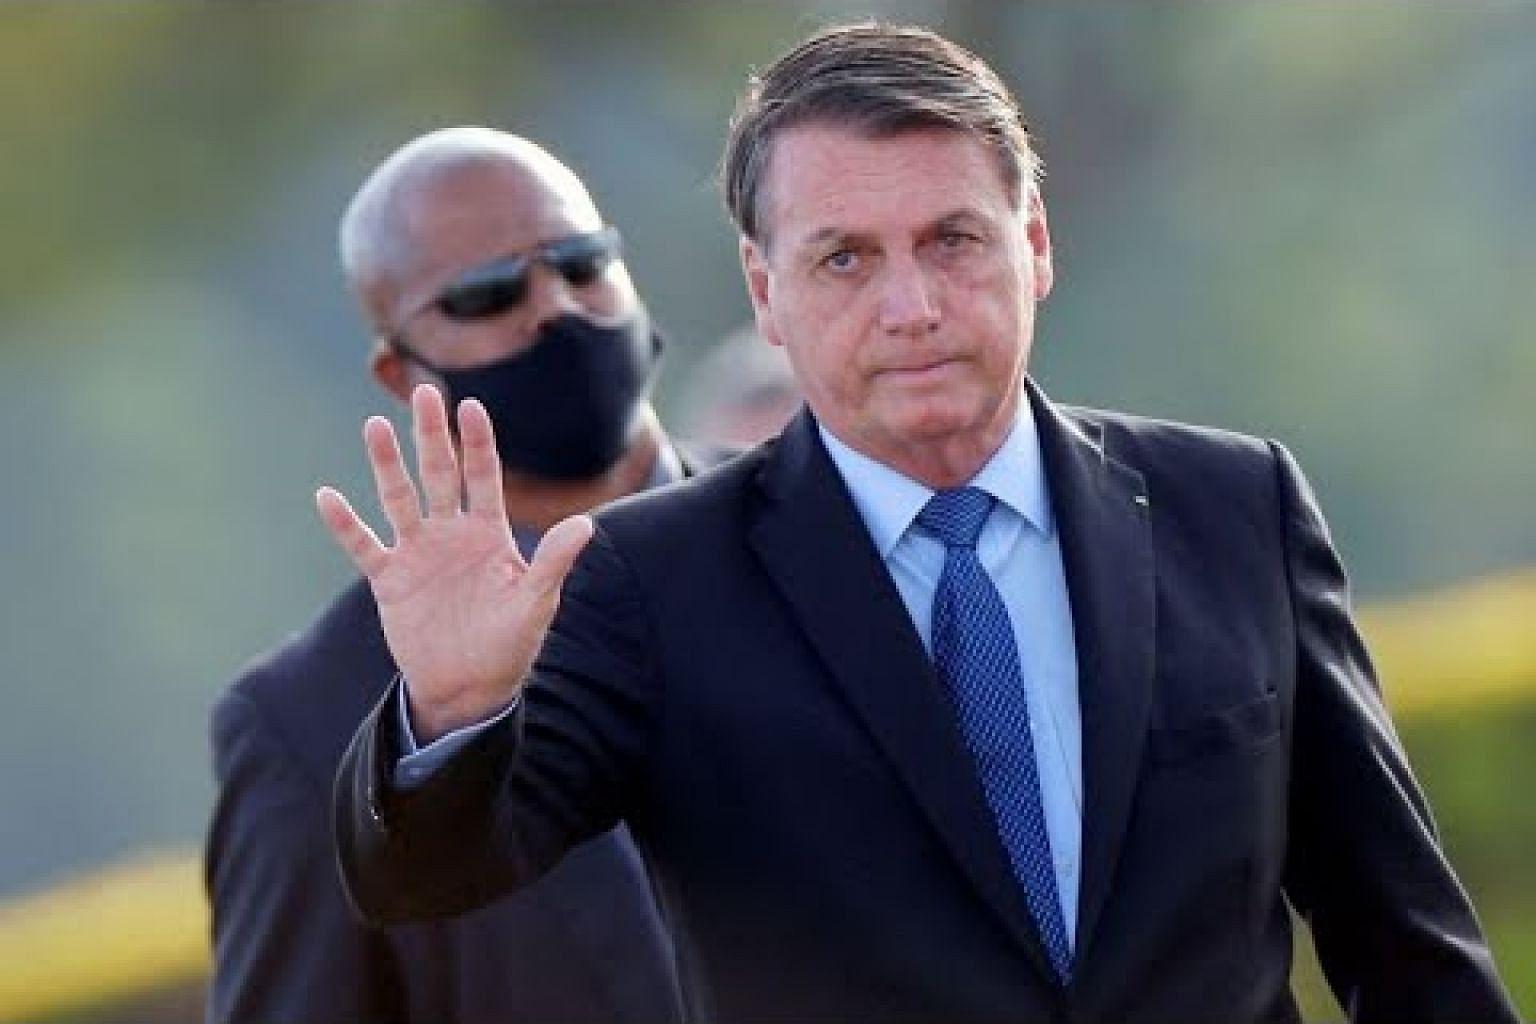 Brazil's President Jair Bolsonaro tests positive for coronavirus